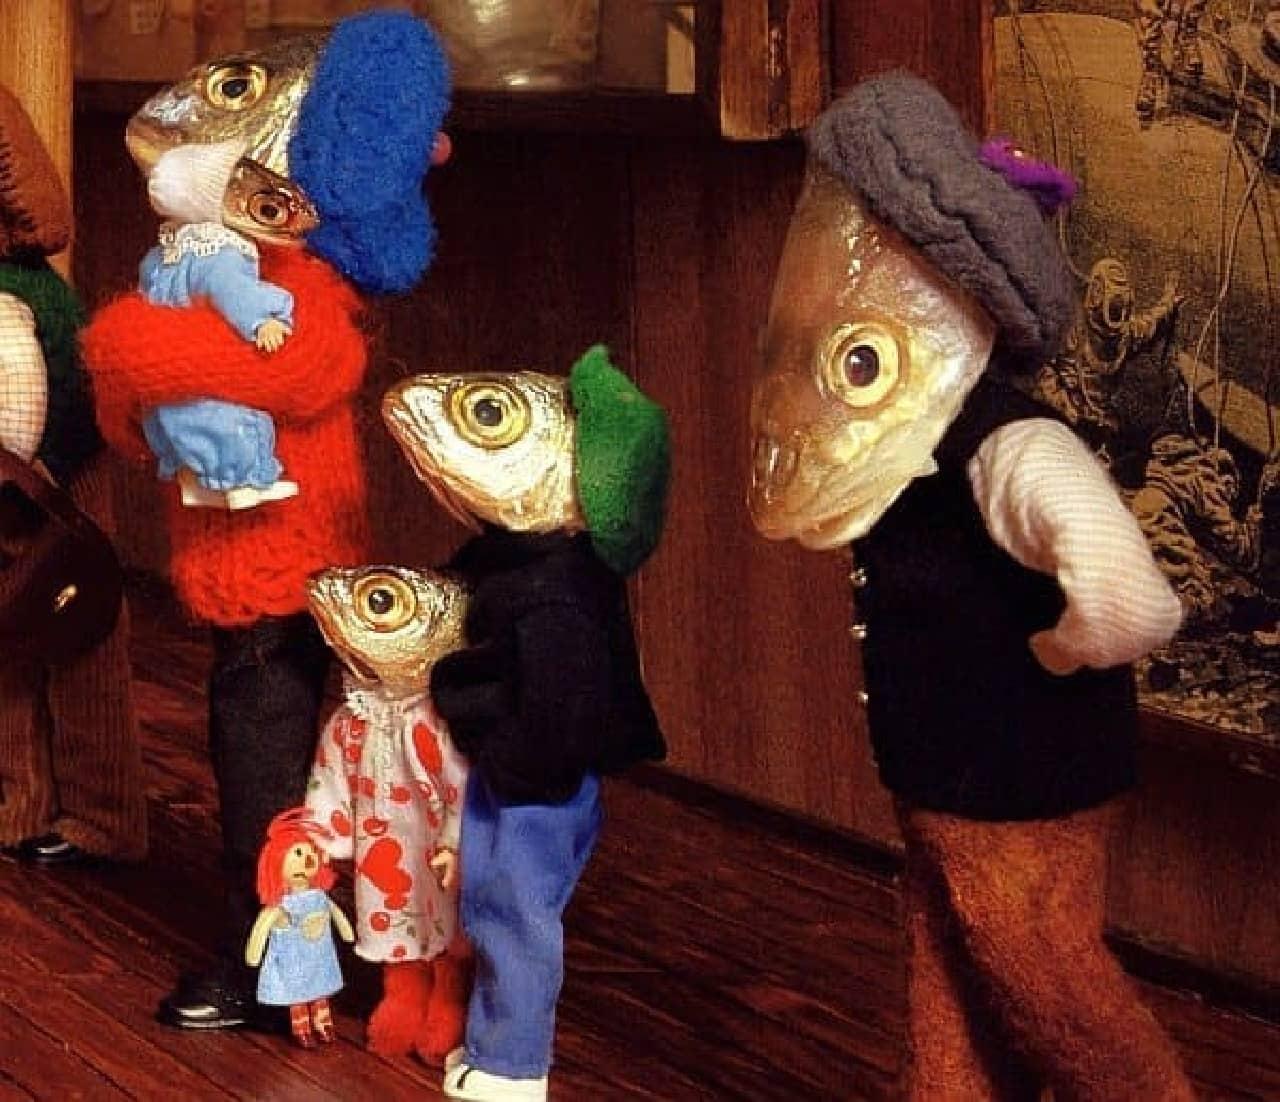 こちらは家族  赤ん坊は魚だが、子どもが手にしている人形は人間